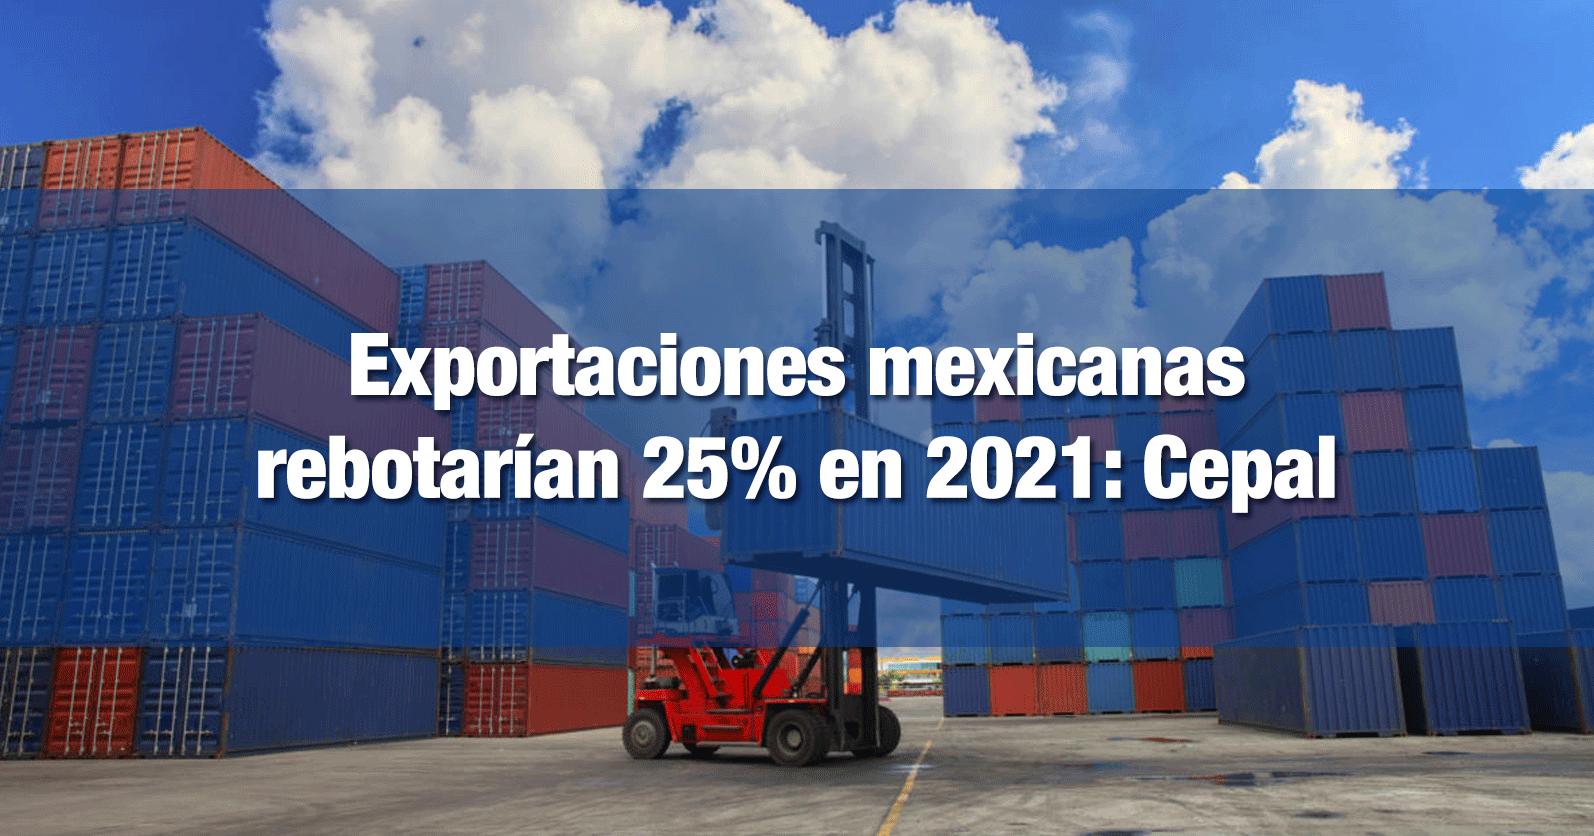 Exportaciones mexicanas rebotarían 25% en 2021: Cepal